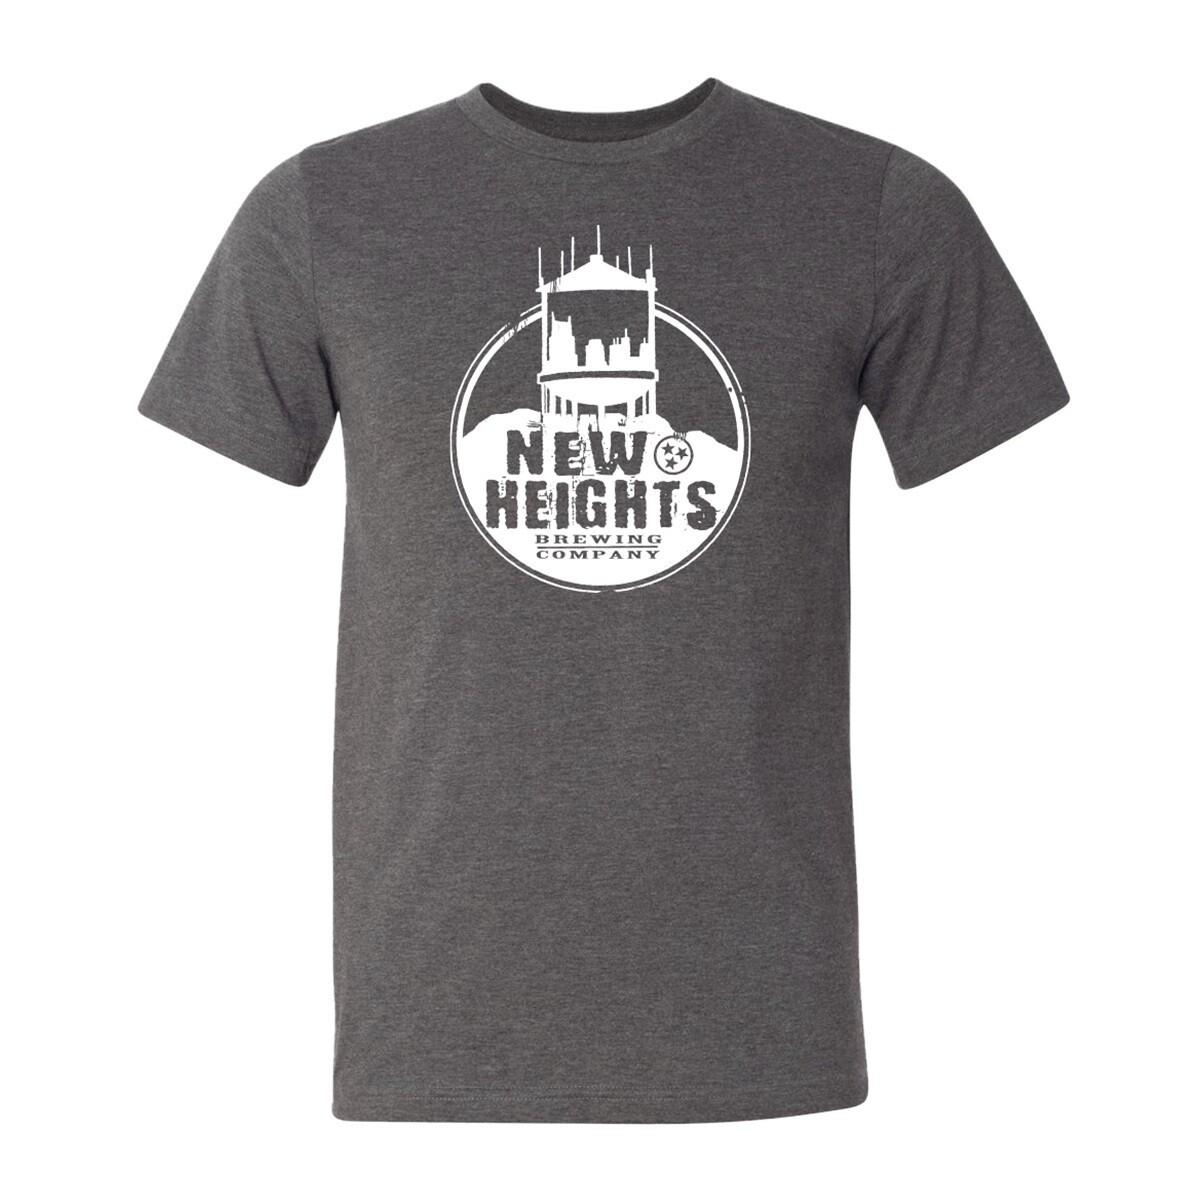 BC3001 SS T-Shirt in Heather Navy or Dark Heather Grey